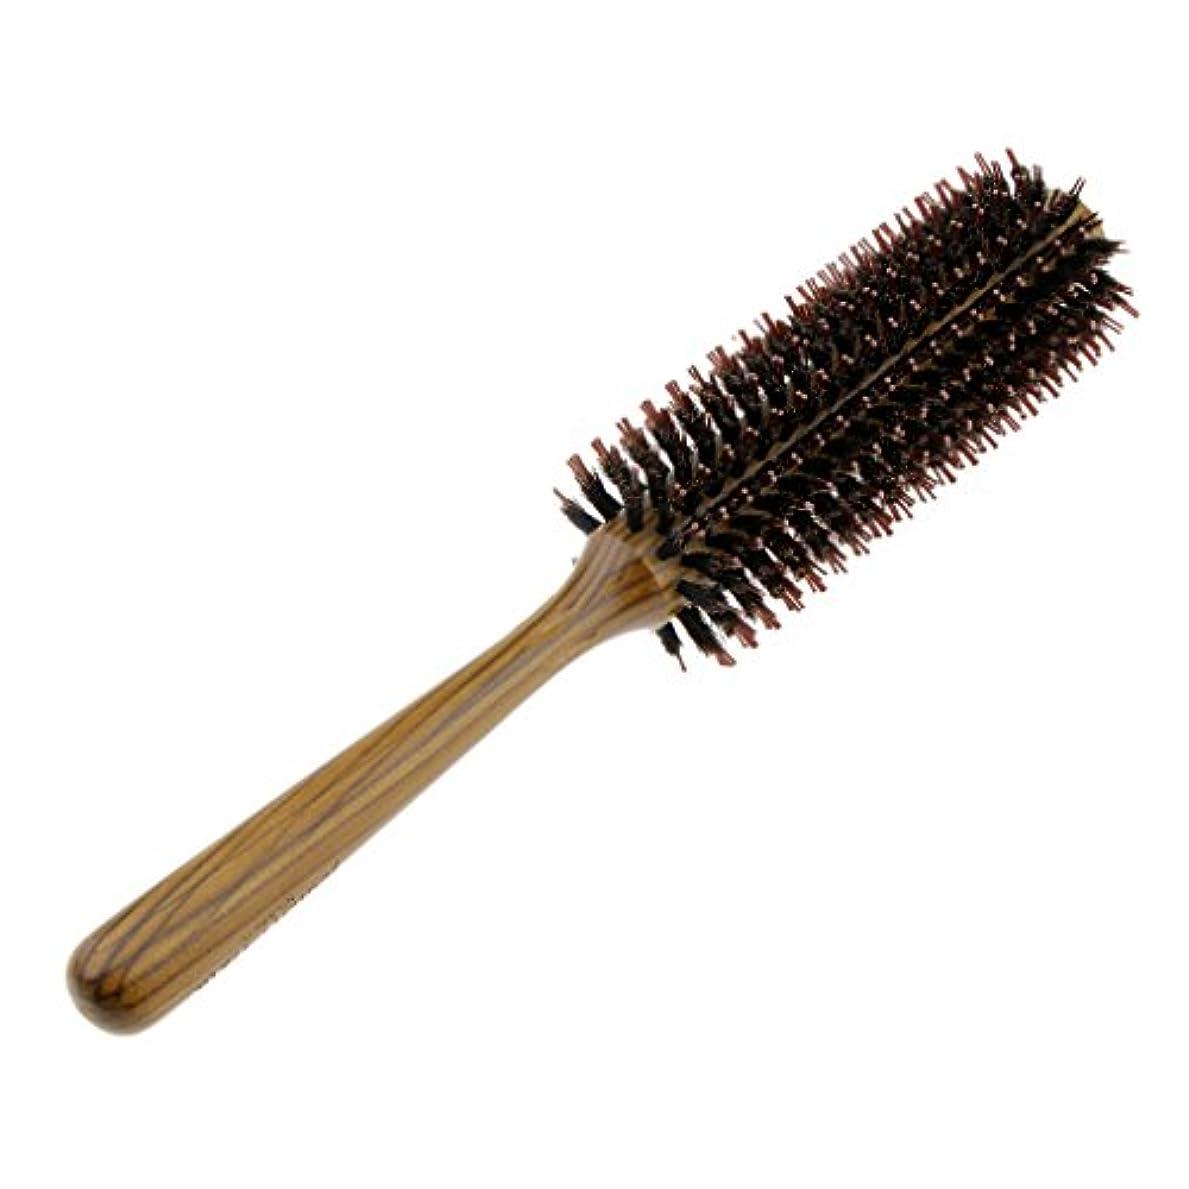 細断チョーク拡張ロールブラシ ヘアブラシ コーム ヘアスタイリング 櫛 くし カール 巻き髪 3サイズ選べる - L